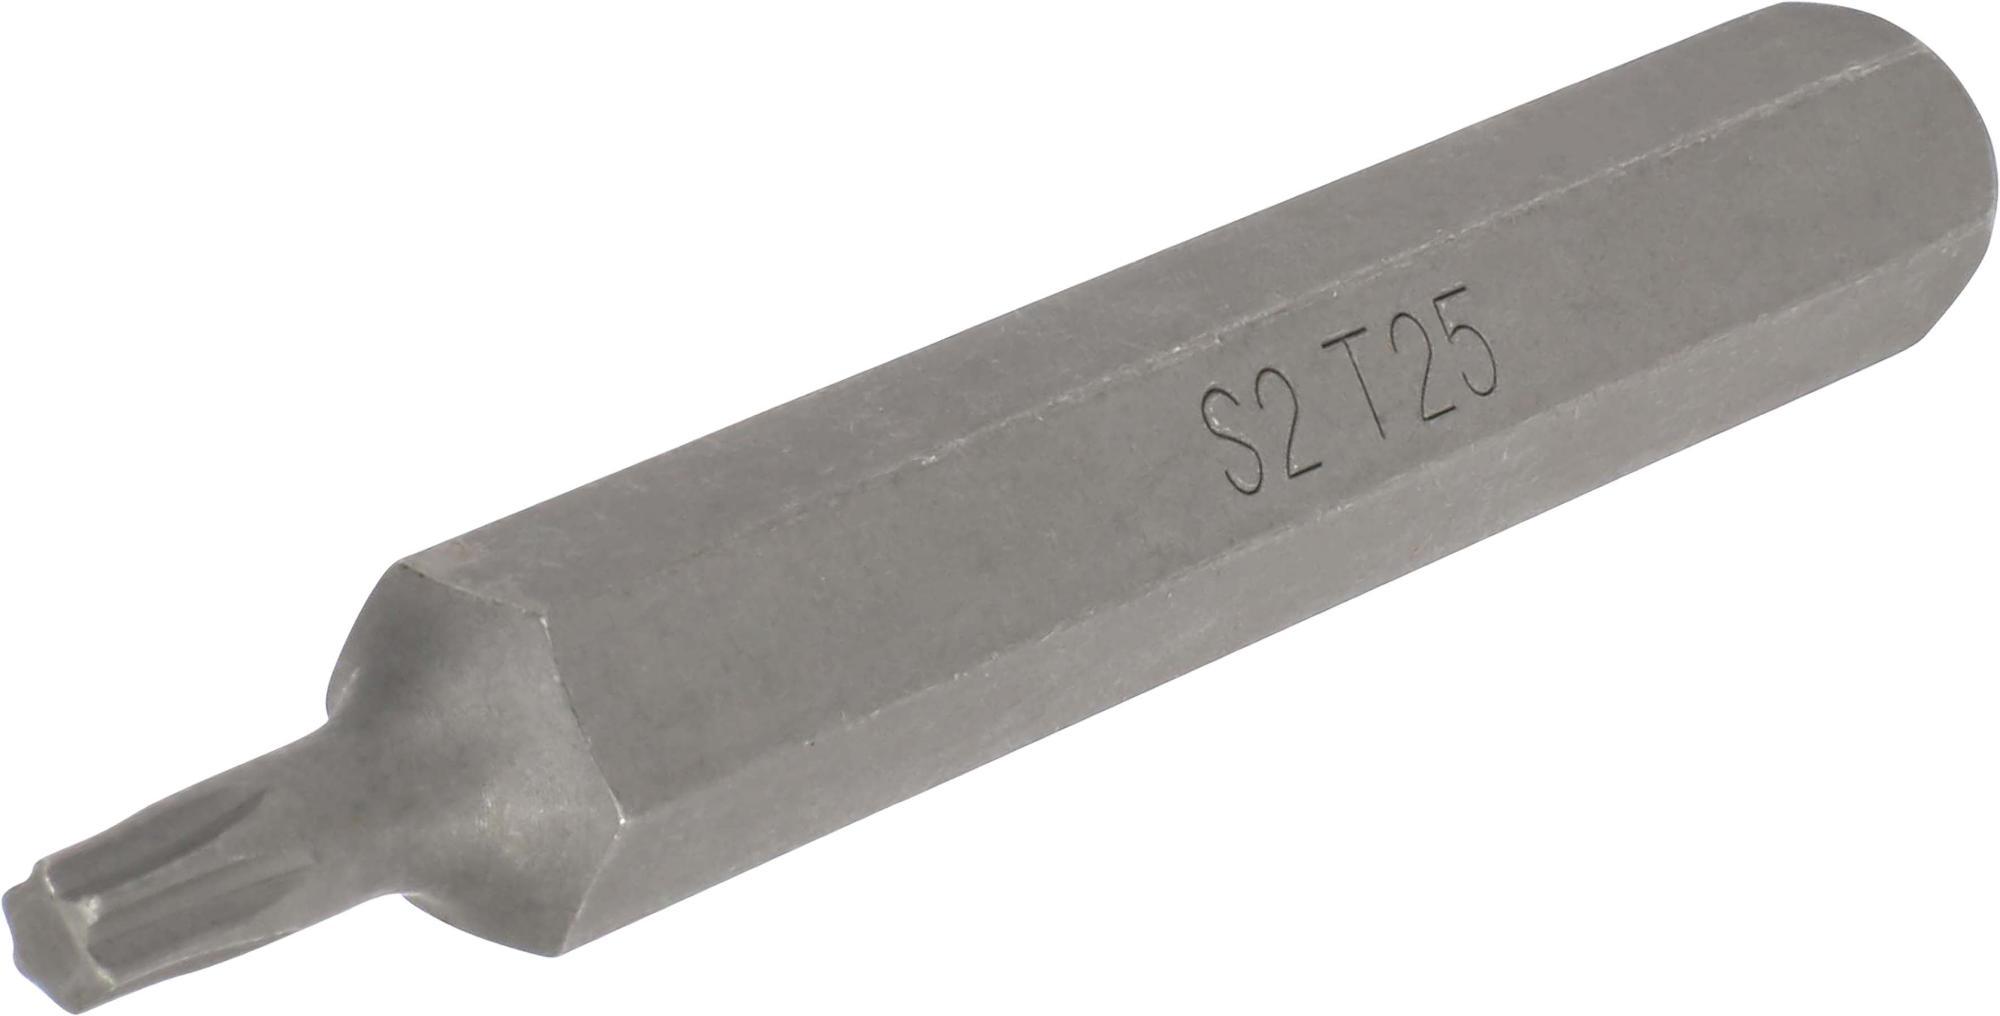 Bit, 10 mm 6-hran, TORX T25x75 mm